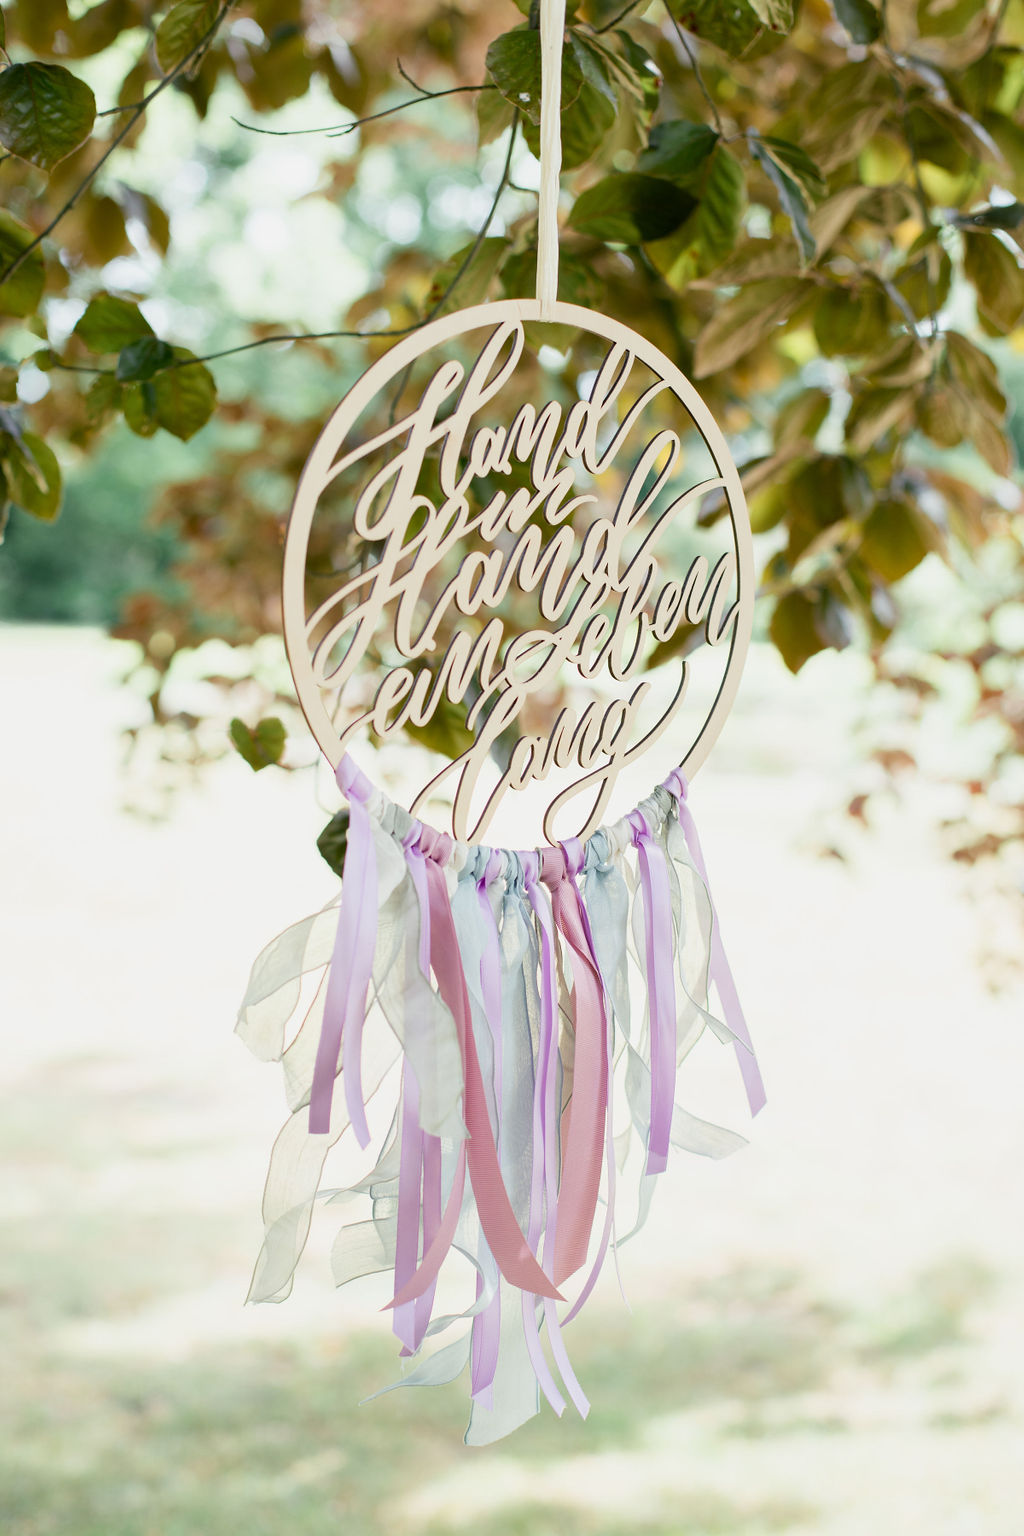 Hochzeit Schild Dekoration, Hochzeitsdeko Schild, Hand in Hand ein Leben lang Schild Hochzeit